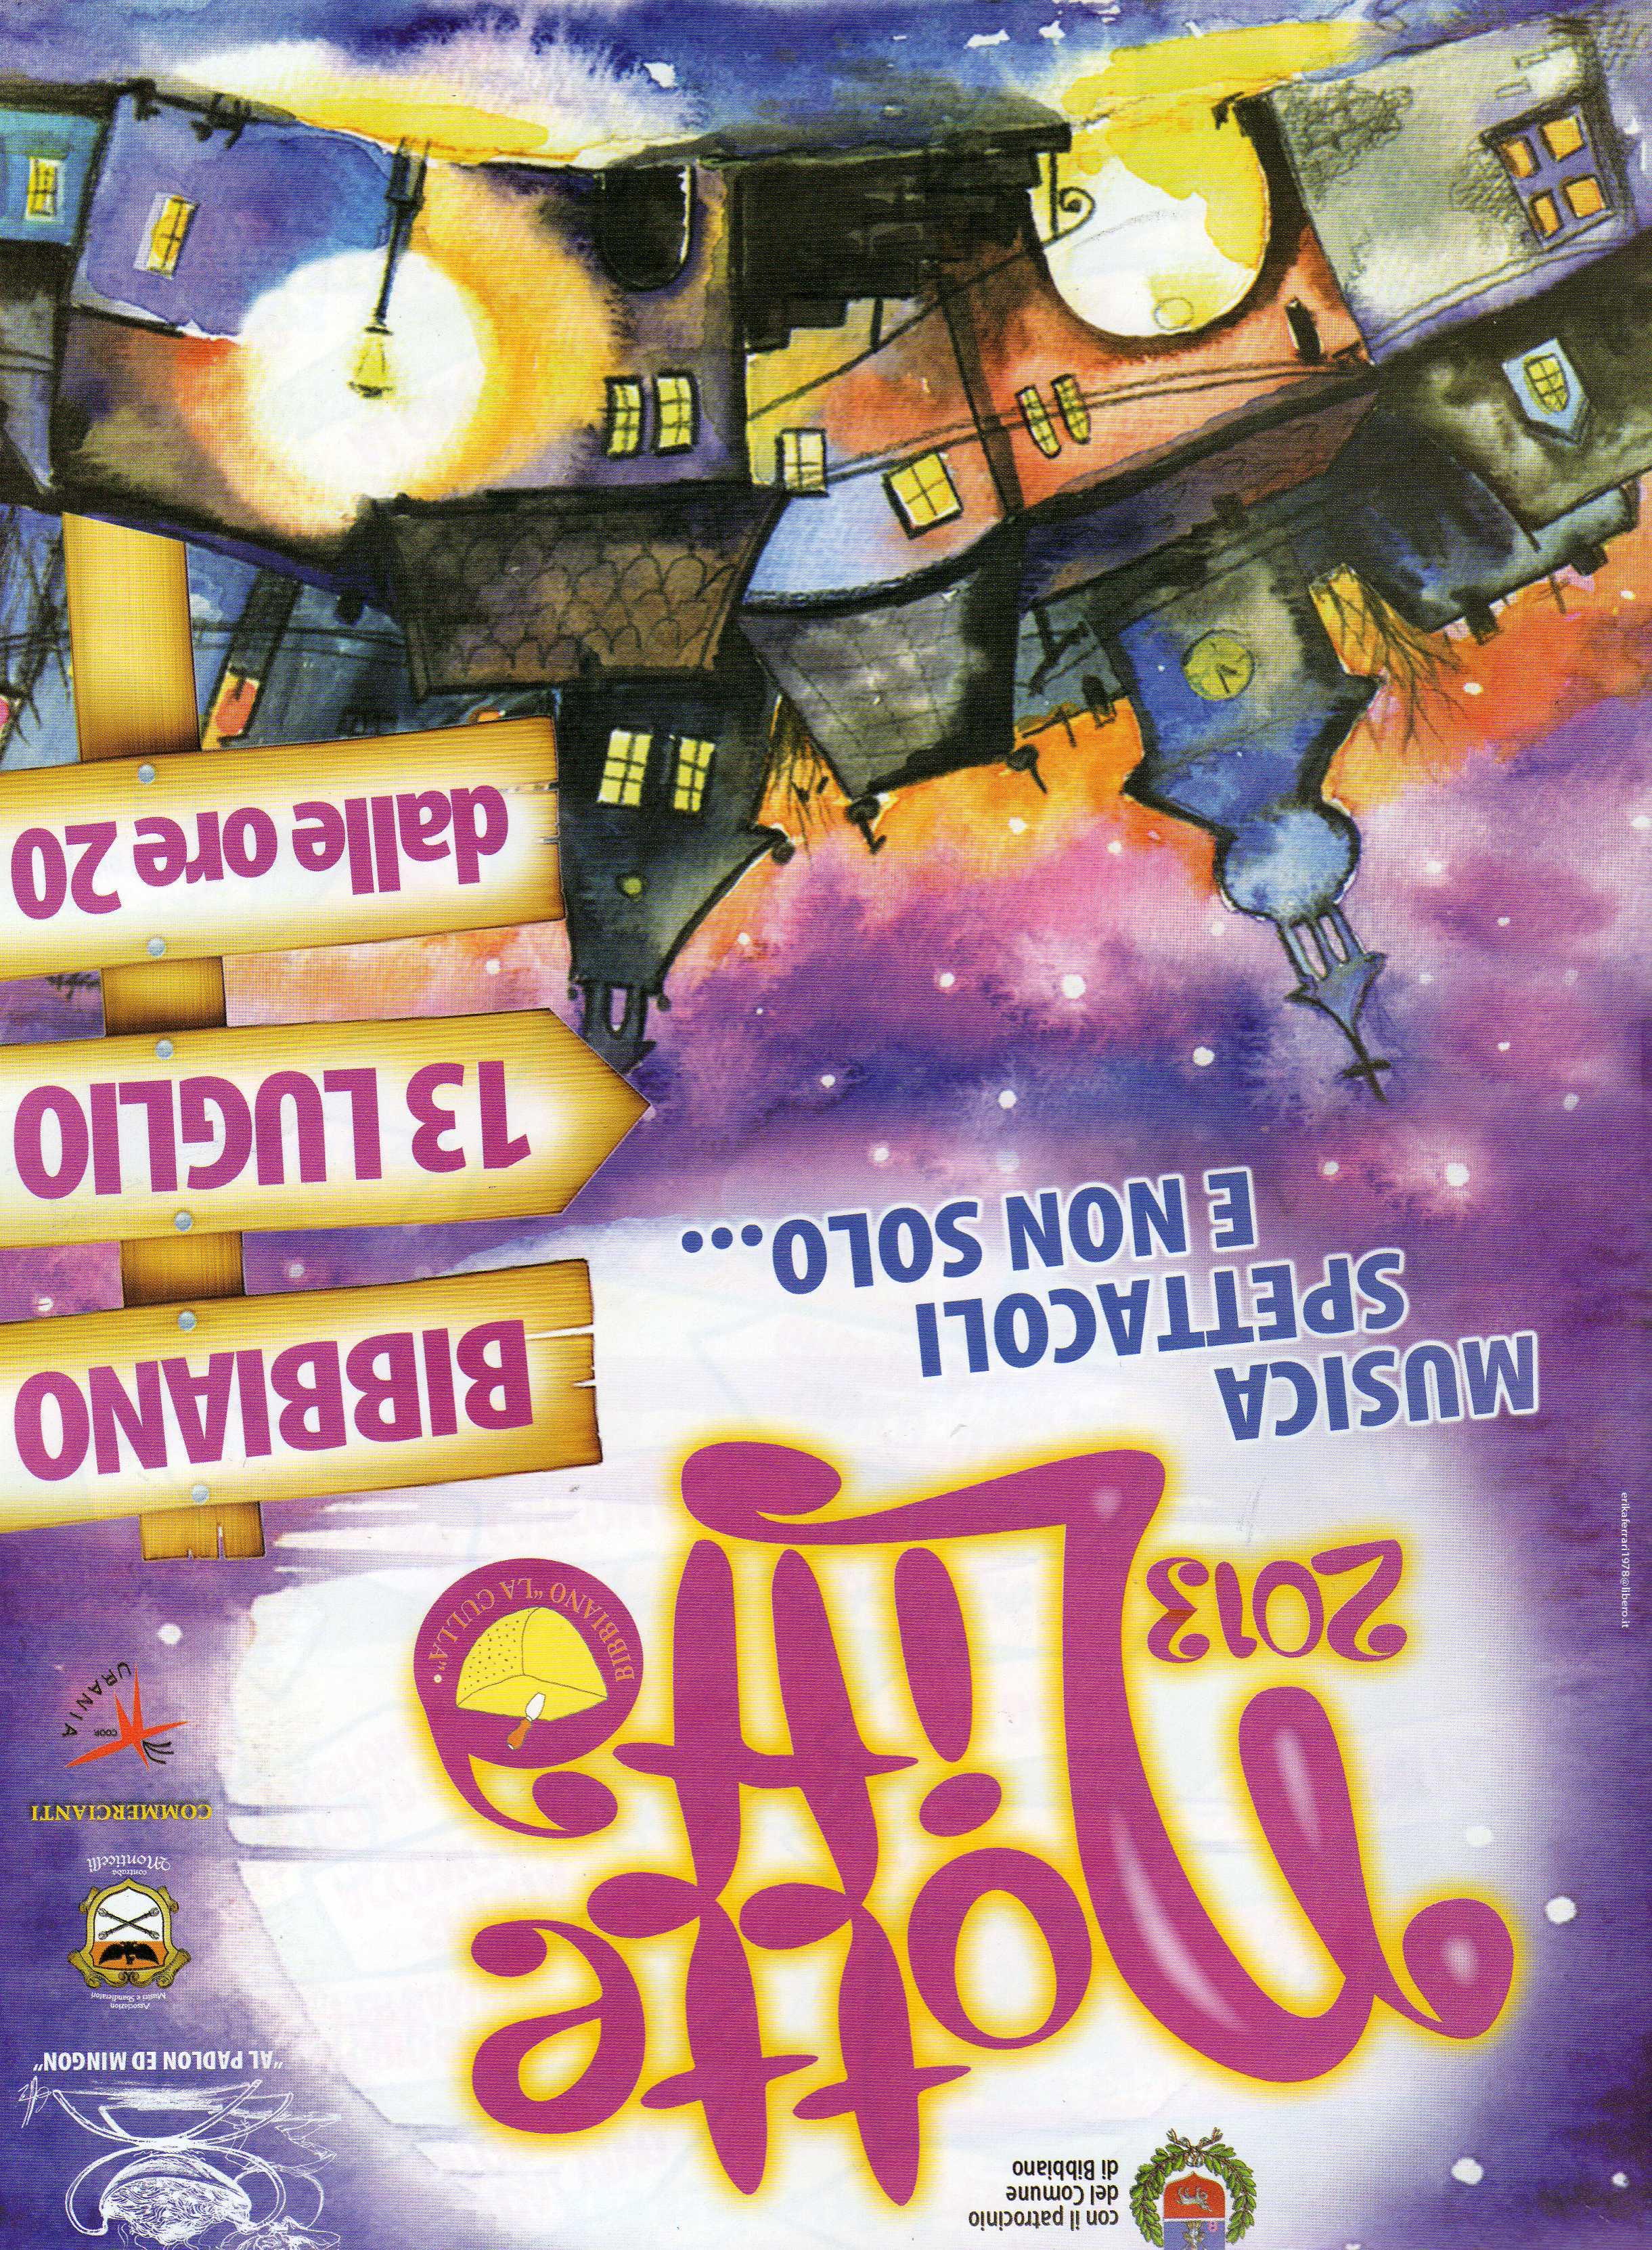 Notte liffa 2013 Bibbiano RE